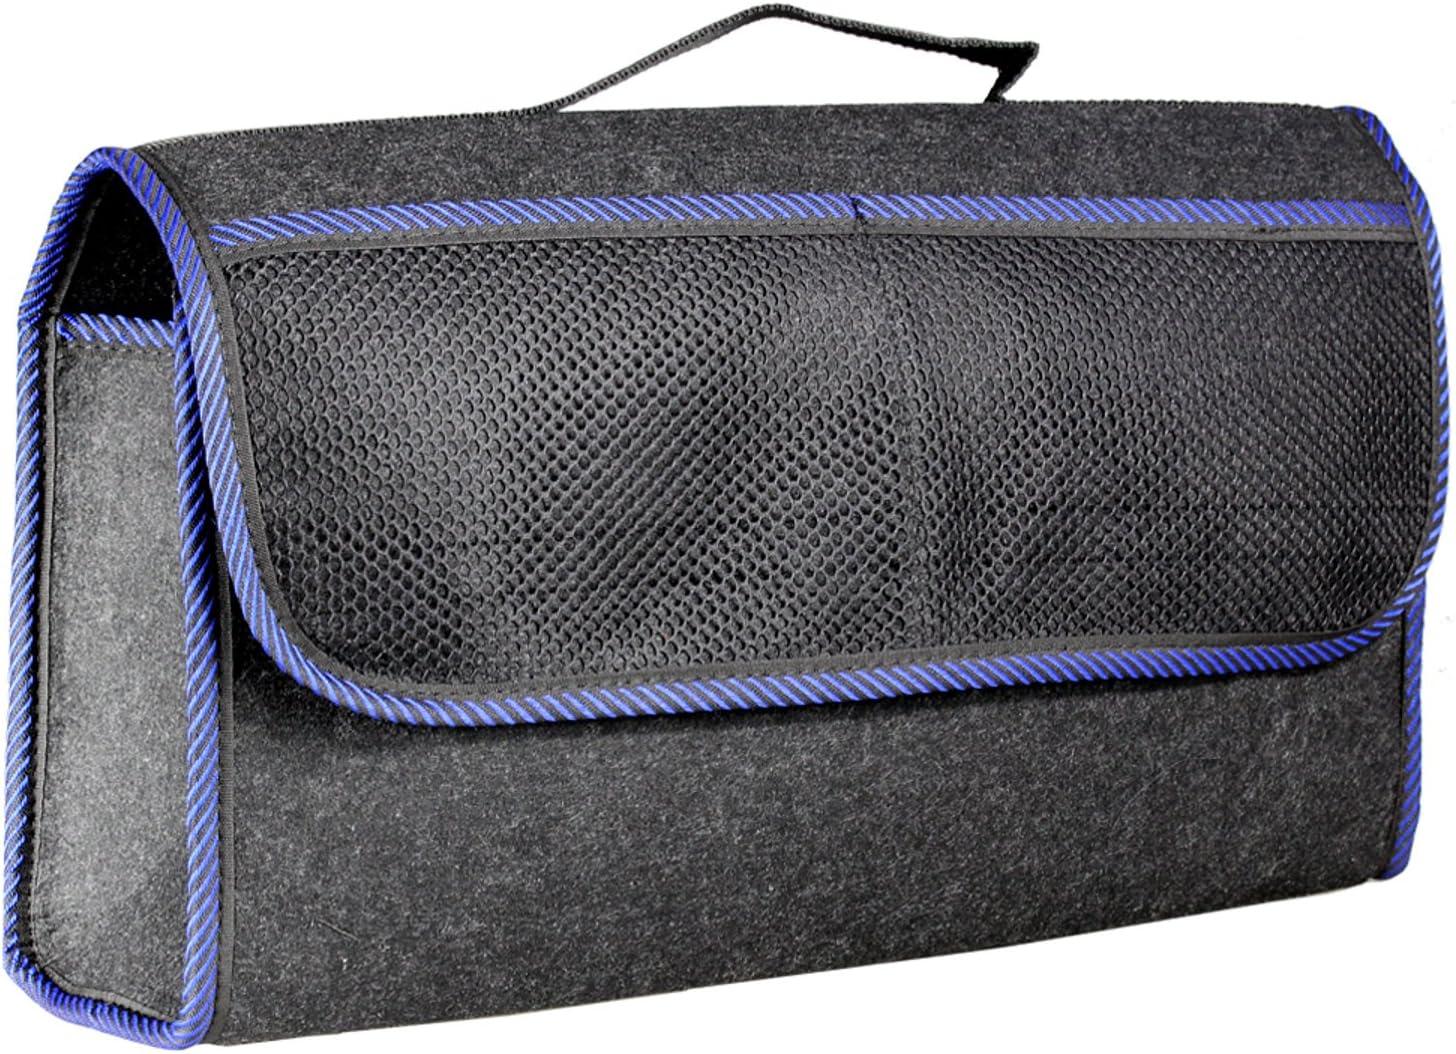 Kofferraumtasche Mit Klett Farbe Schwarz Aus Filz Für Das Auto Autotasche Kofferraum Oder Rückbank 48 X 28 X 14 Cm Toolbag Farbwahl Schwarz Blau Auto